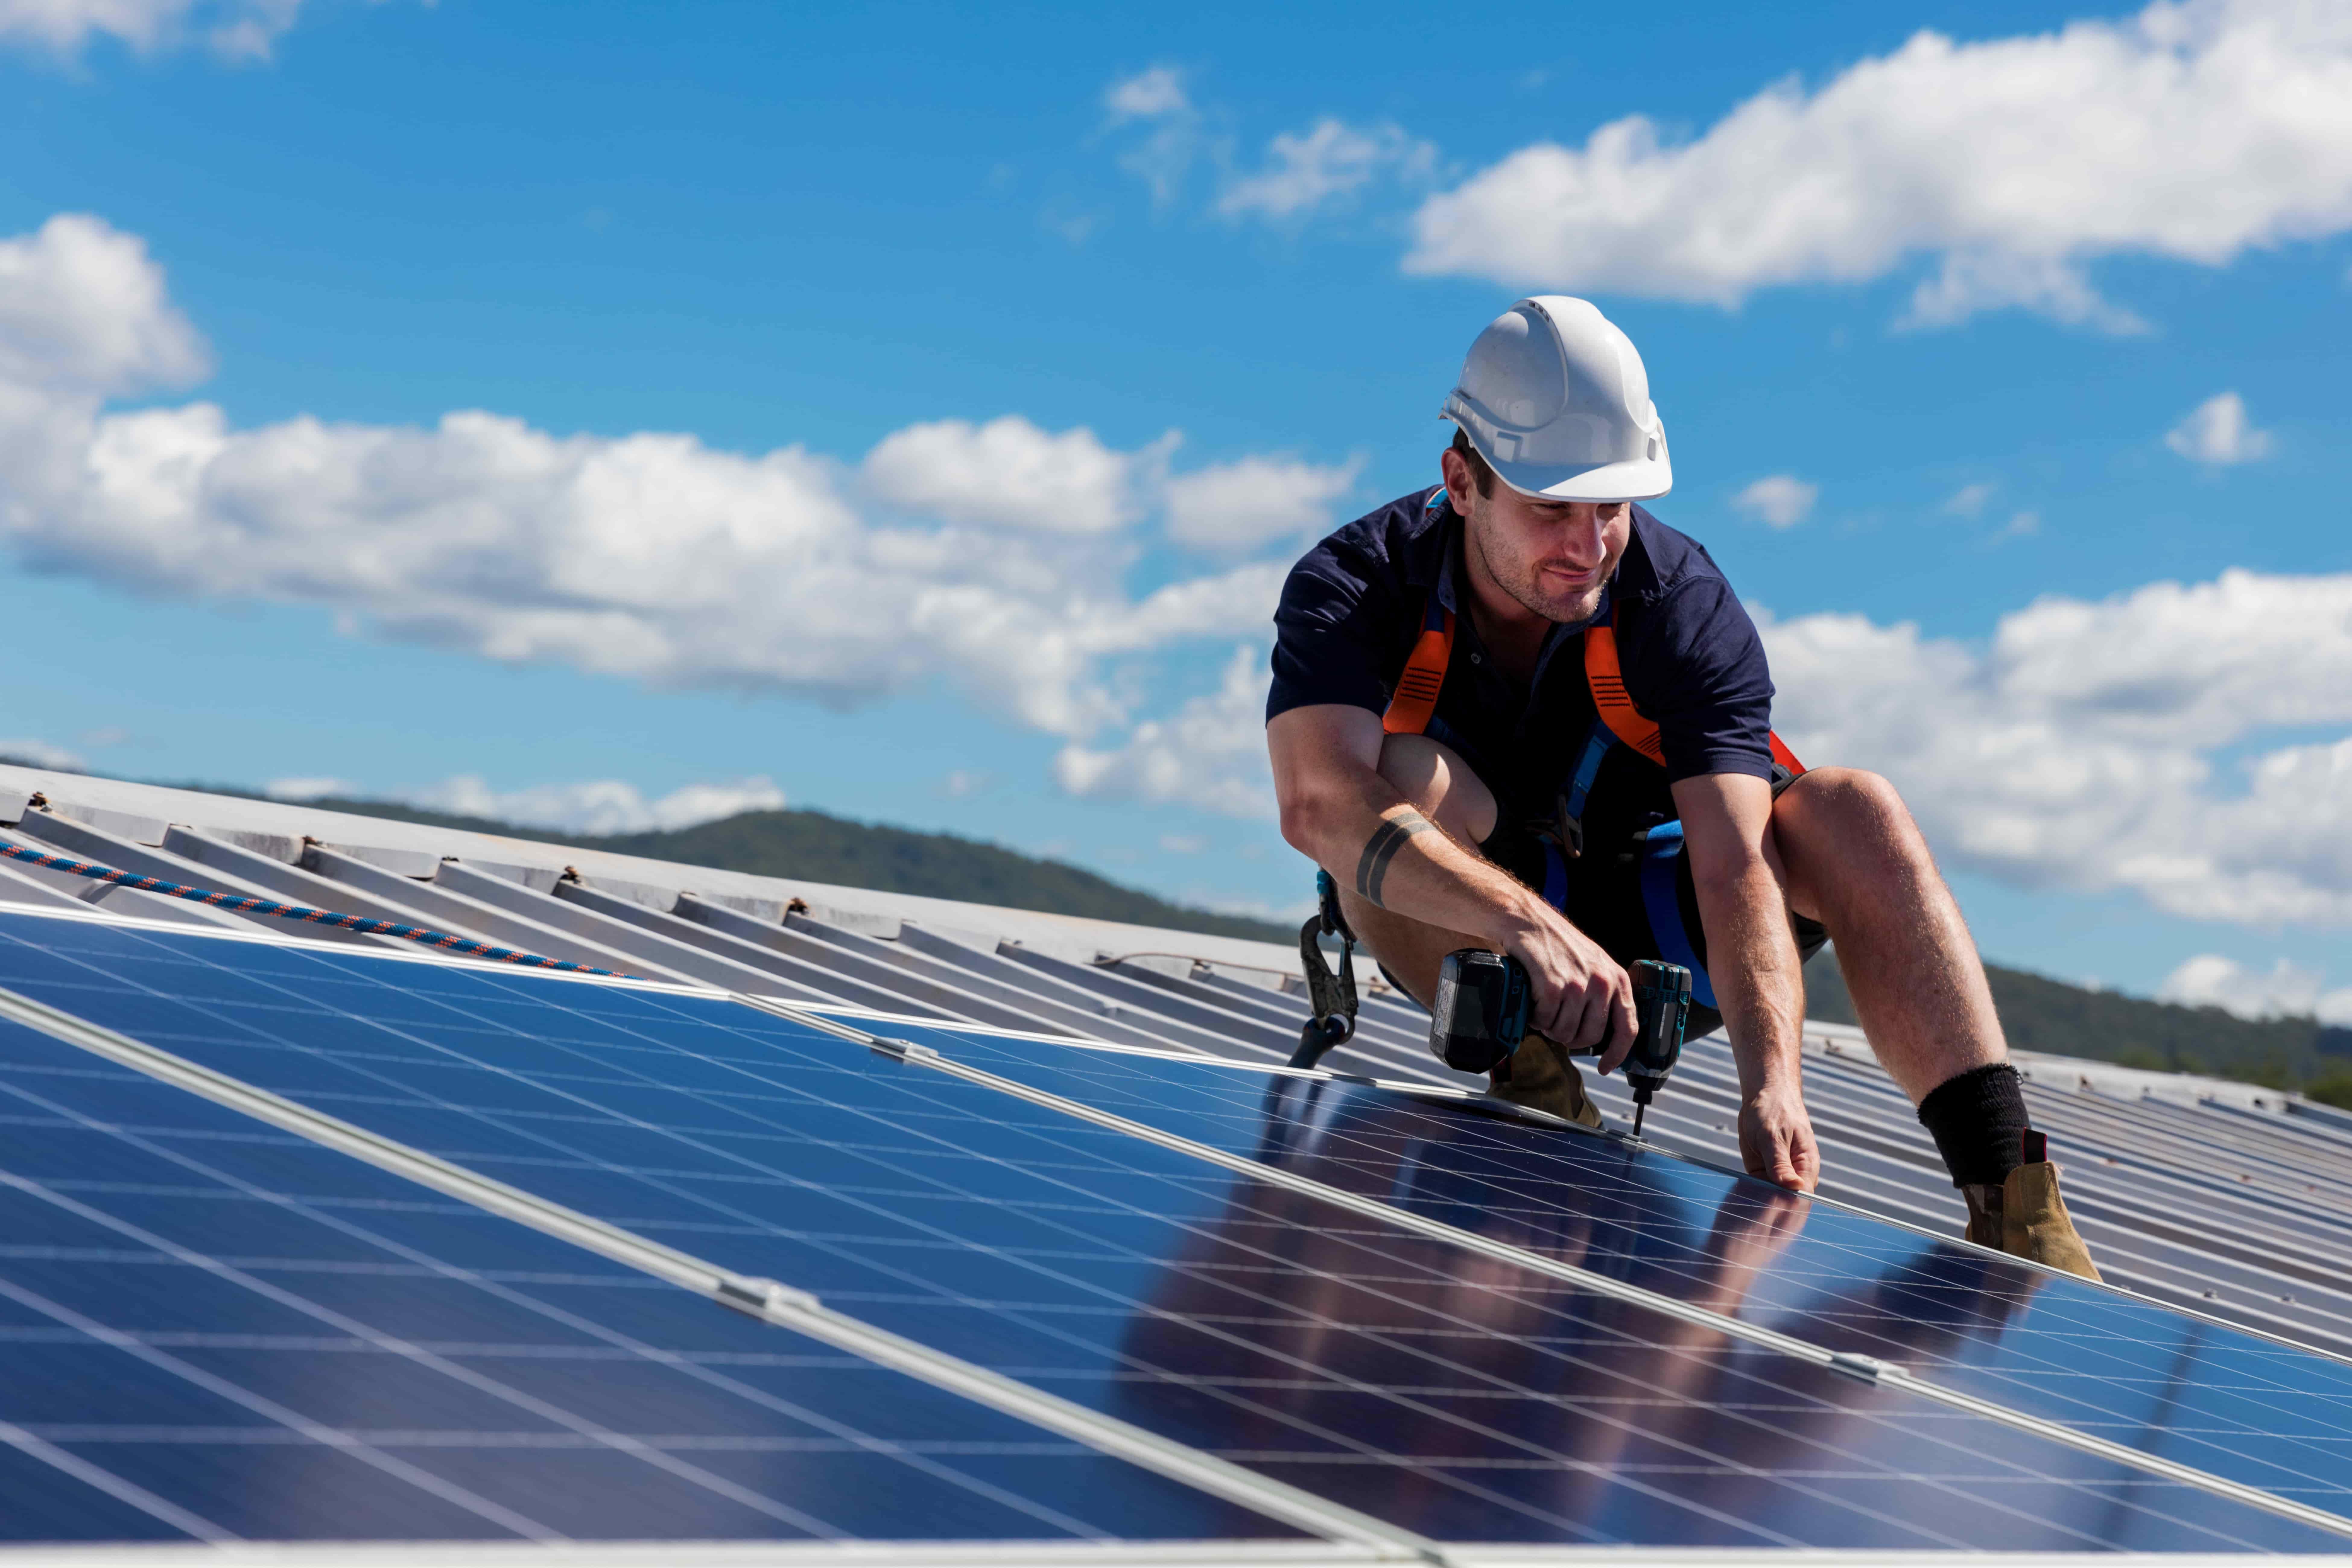 How many solar panels will you need?